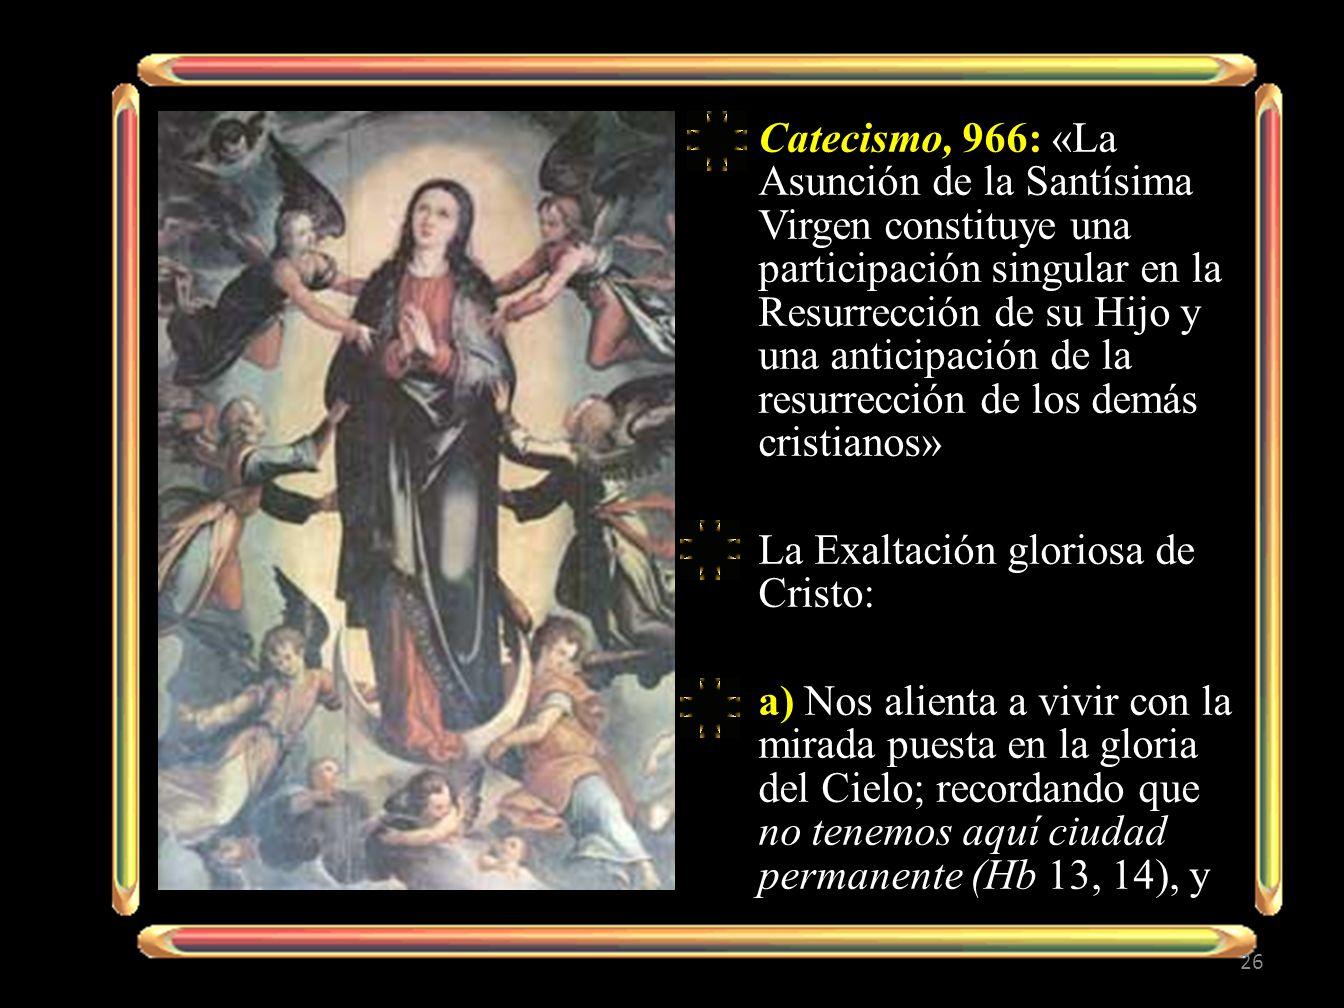 Catecismo, 966: «La Asunción de la Santísima Virgen constituye una participación singular en la Resurrección de su Hijo y una anticipación de la resurrección de los demás cristianos»